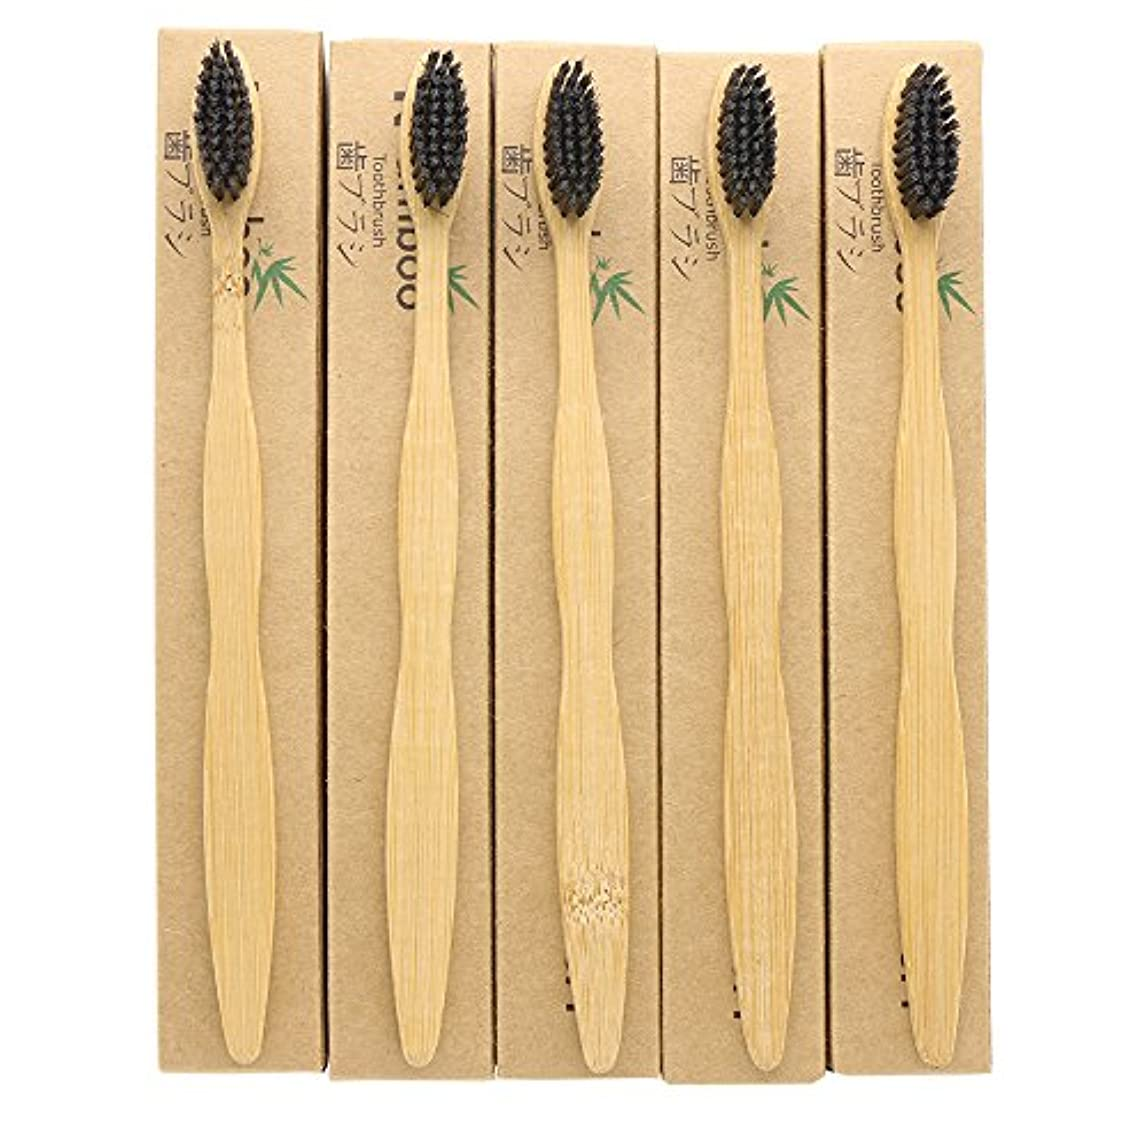 ランデブーオーチャード冒険者N-amboo 歯ブラシ 5本入り 竹製 耐久性 黒